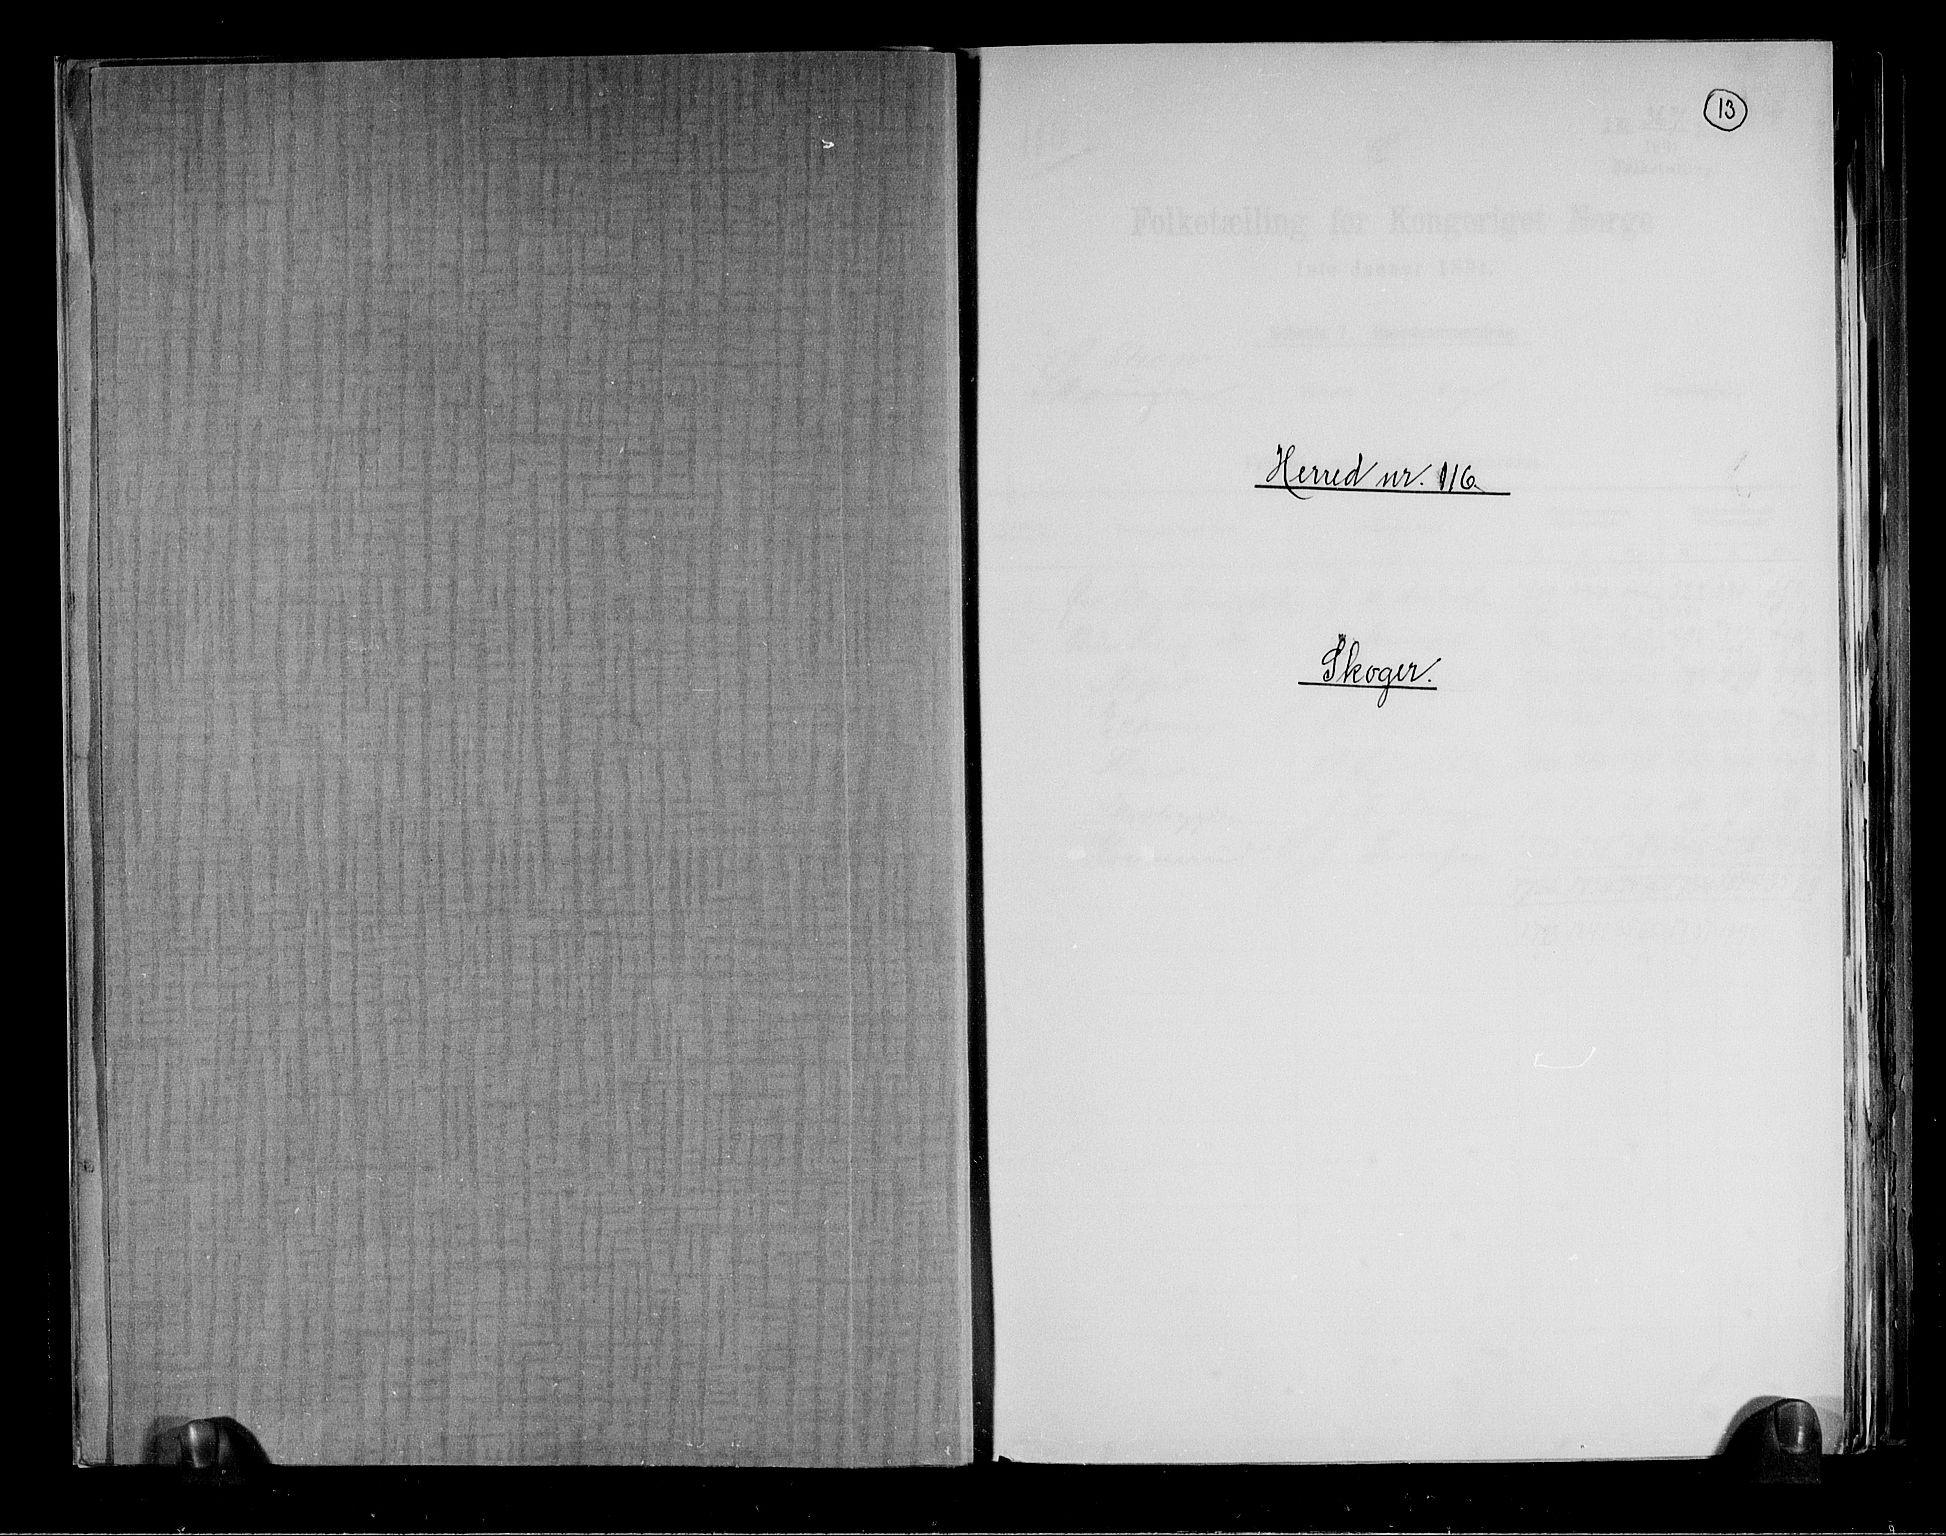 RA, Folketelling 1891 for 0712 Skoger herred, 1891, s. 1